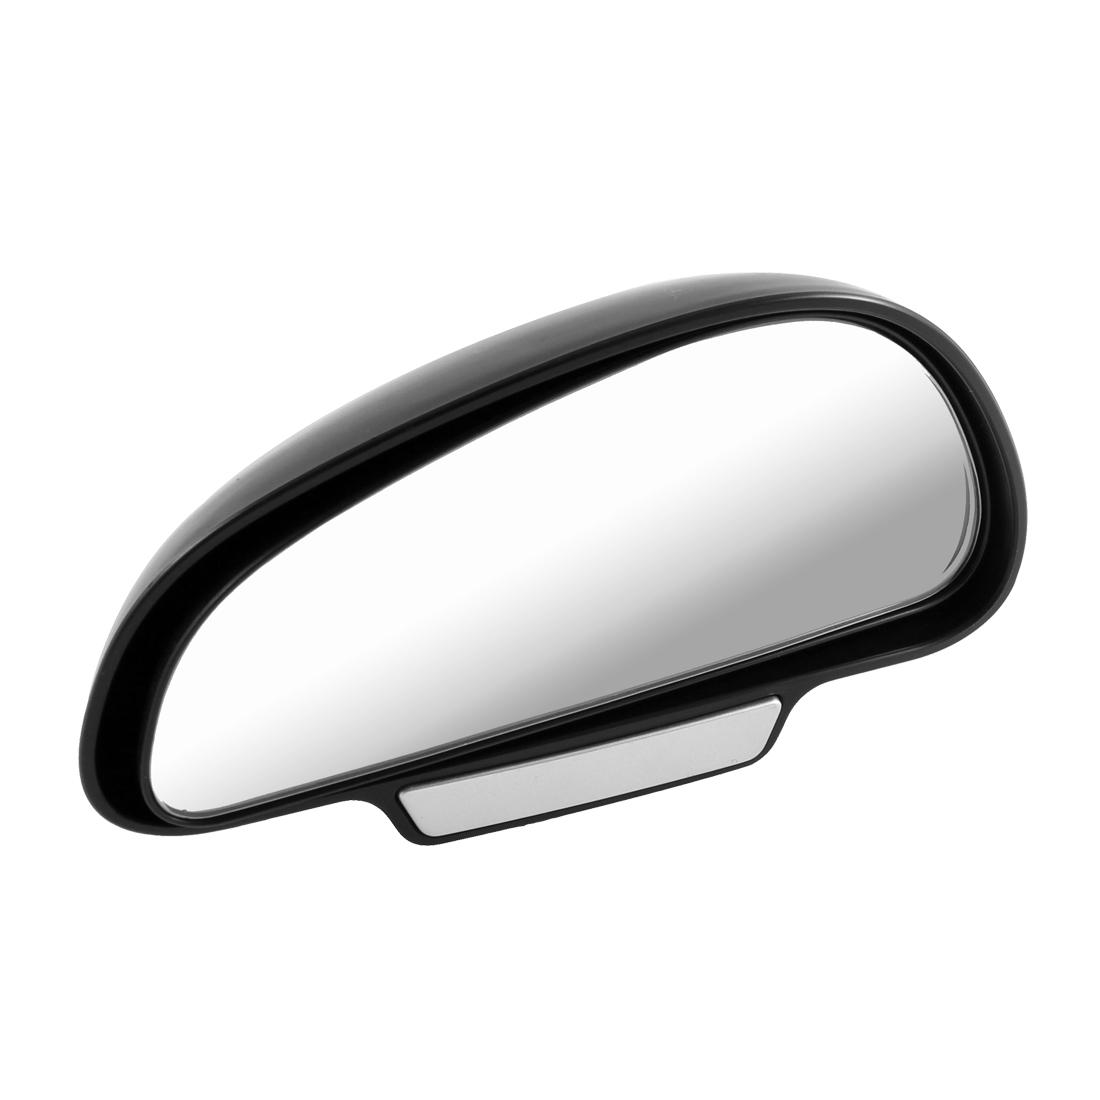 Car Vehivle Flat Left Passenger Side Rearview Door Mirror Black